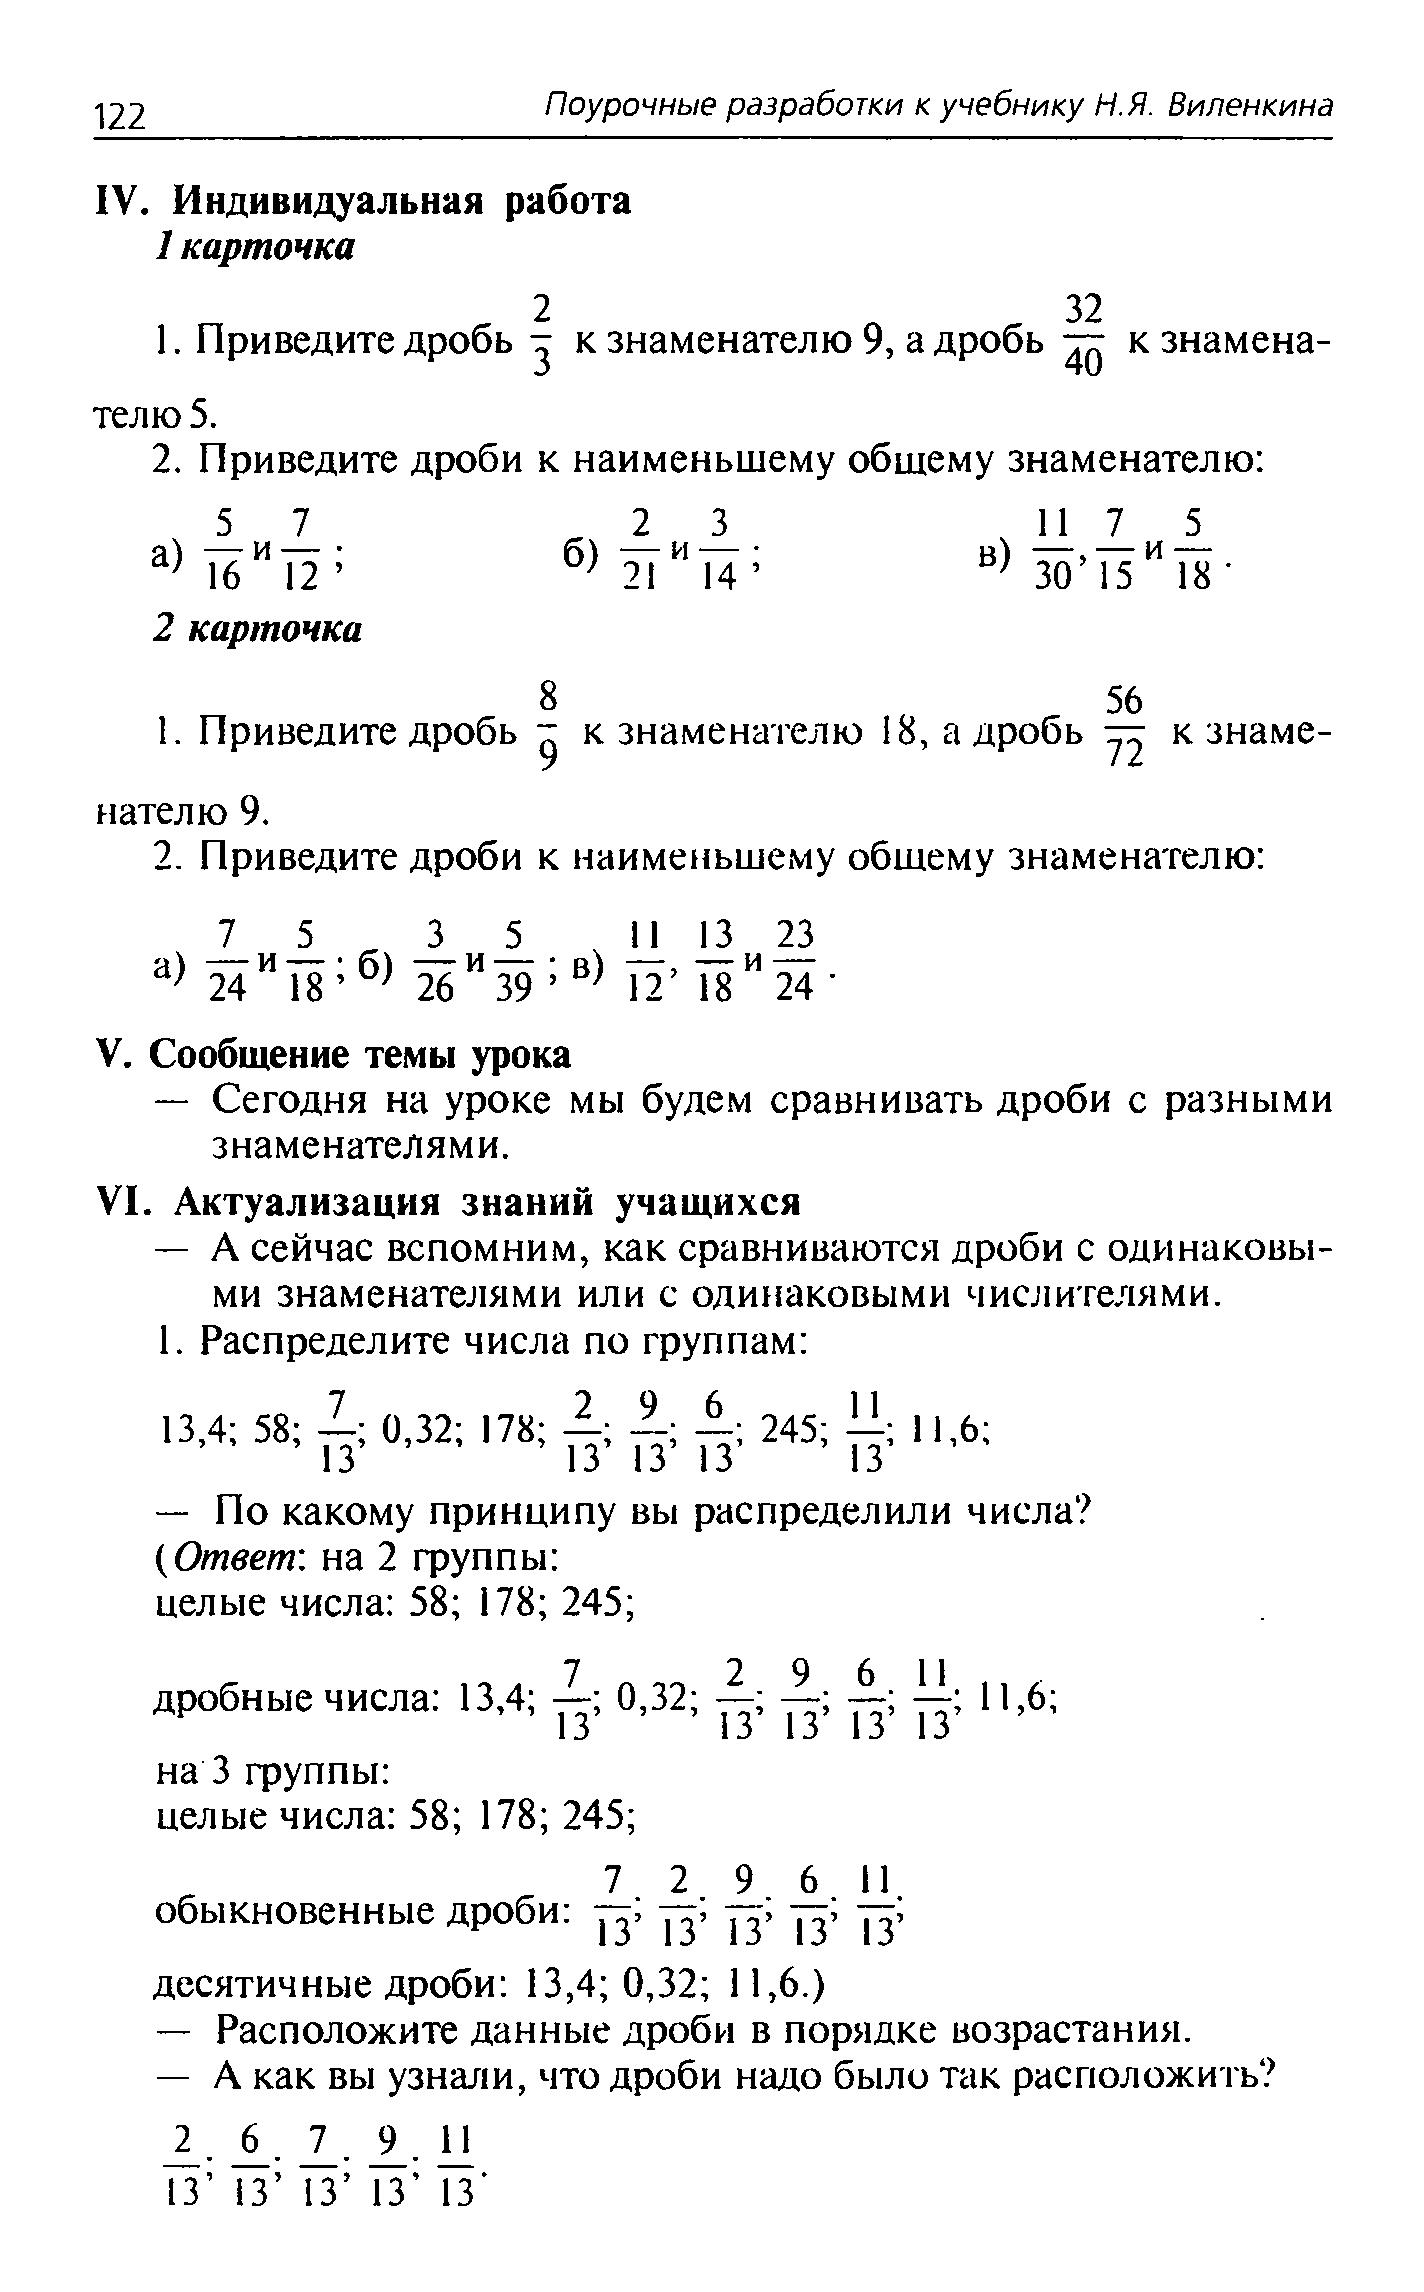 D:\Users\Марина\МОУ СОШ №2\6 класс\2014 - 2015 уч г\6 класс\КОНСПЕКТЫ УРОКОВ\I ЧЕТВЕРТЬ\Числовые и буквенные выражения.Уравнения\подготовка К. р. №2\0122_0001.bmp